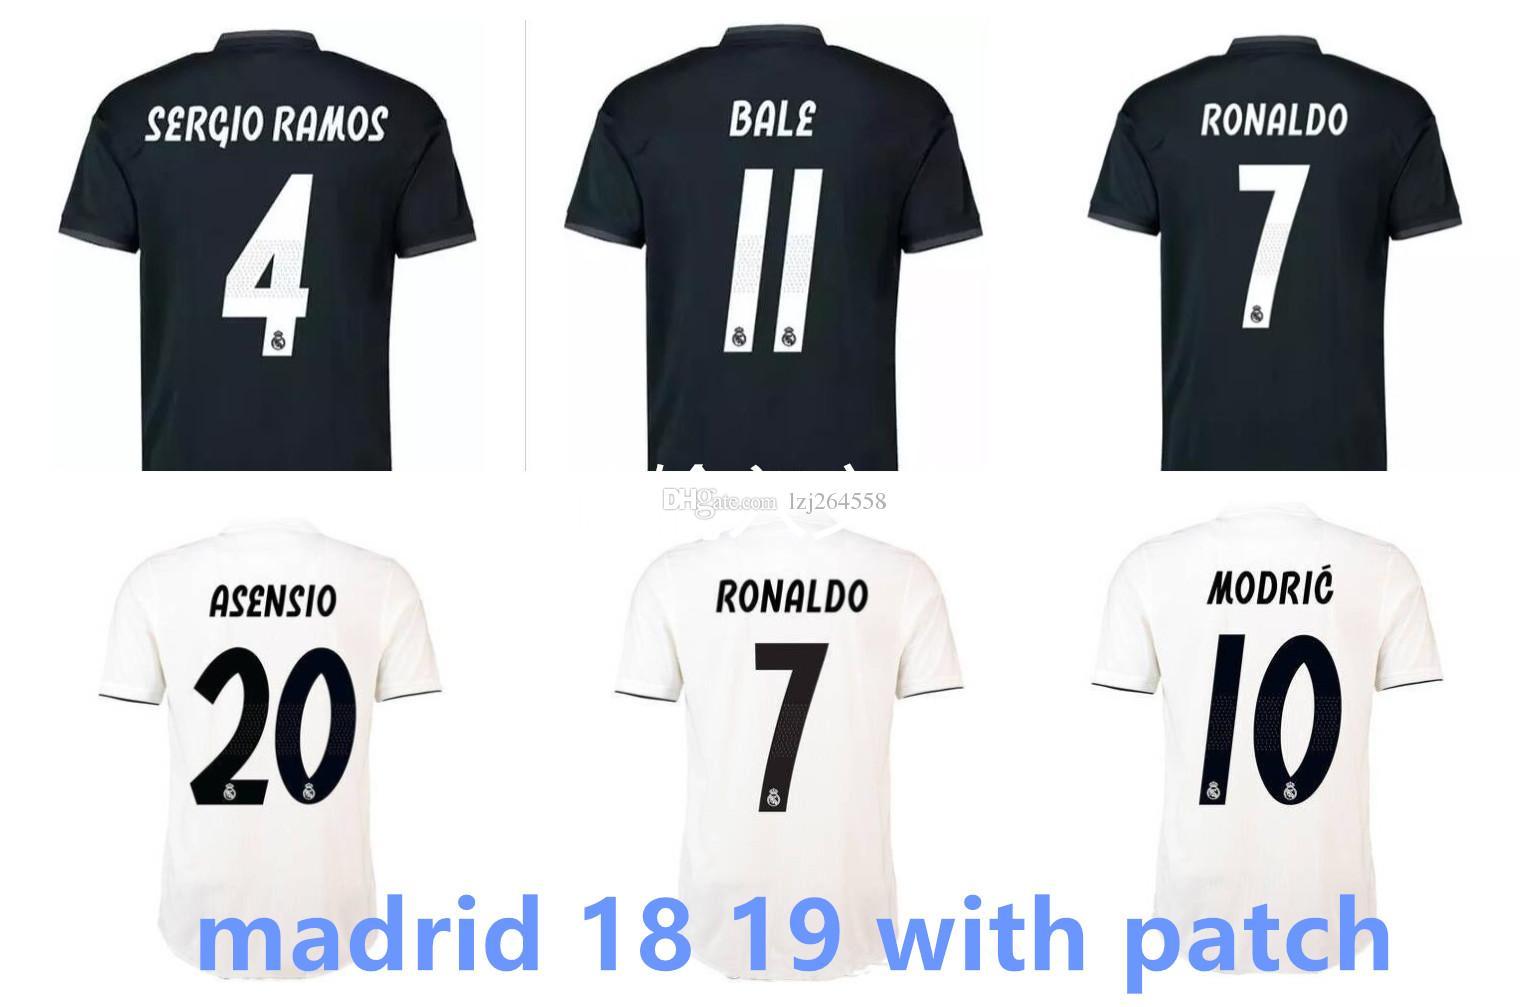 743a500089 Compre Nova Camisa Real Madrid 2019 Camisas De Futebol